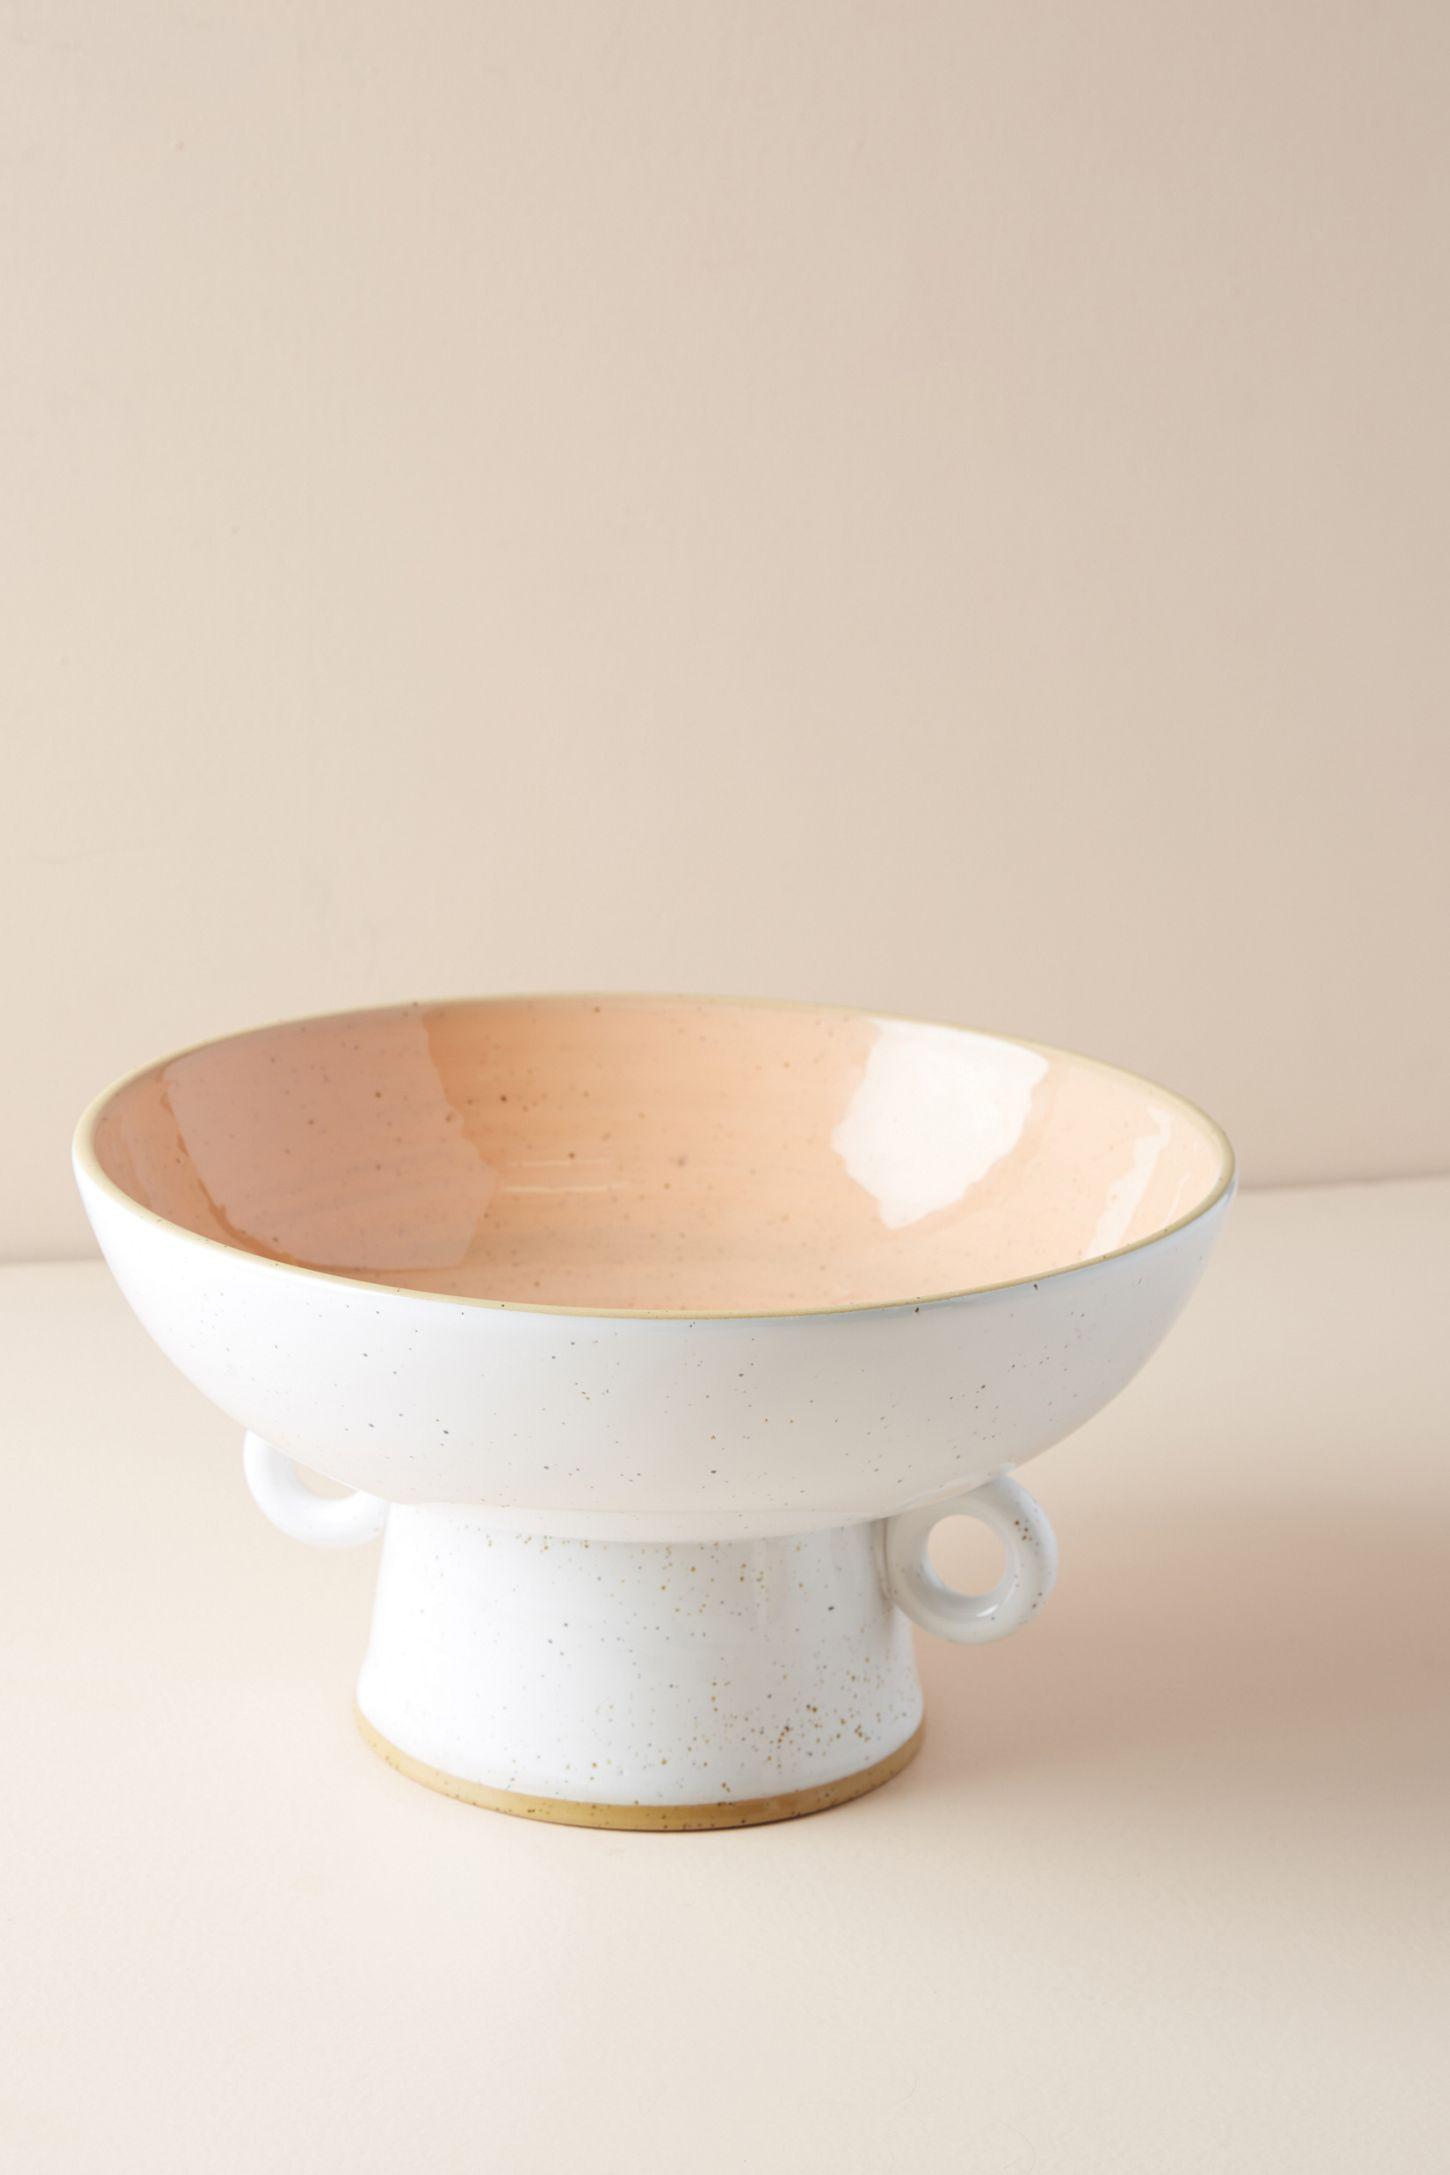 d0973a70a Aleatorio Fruit Bowl